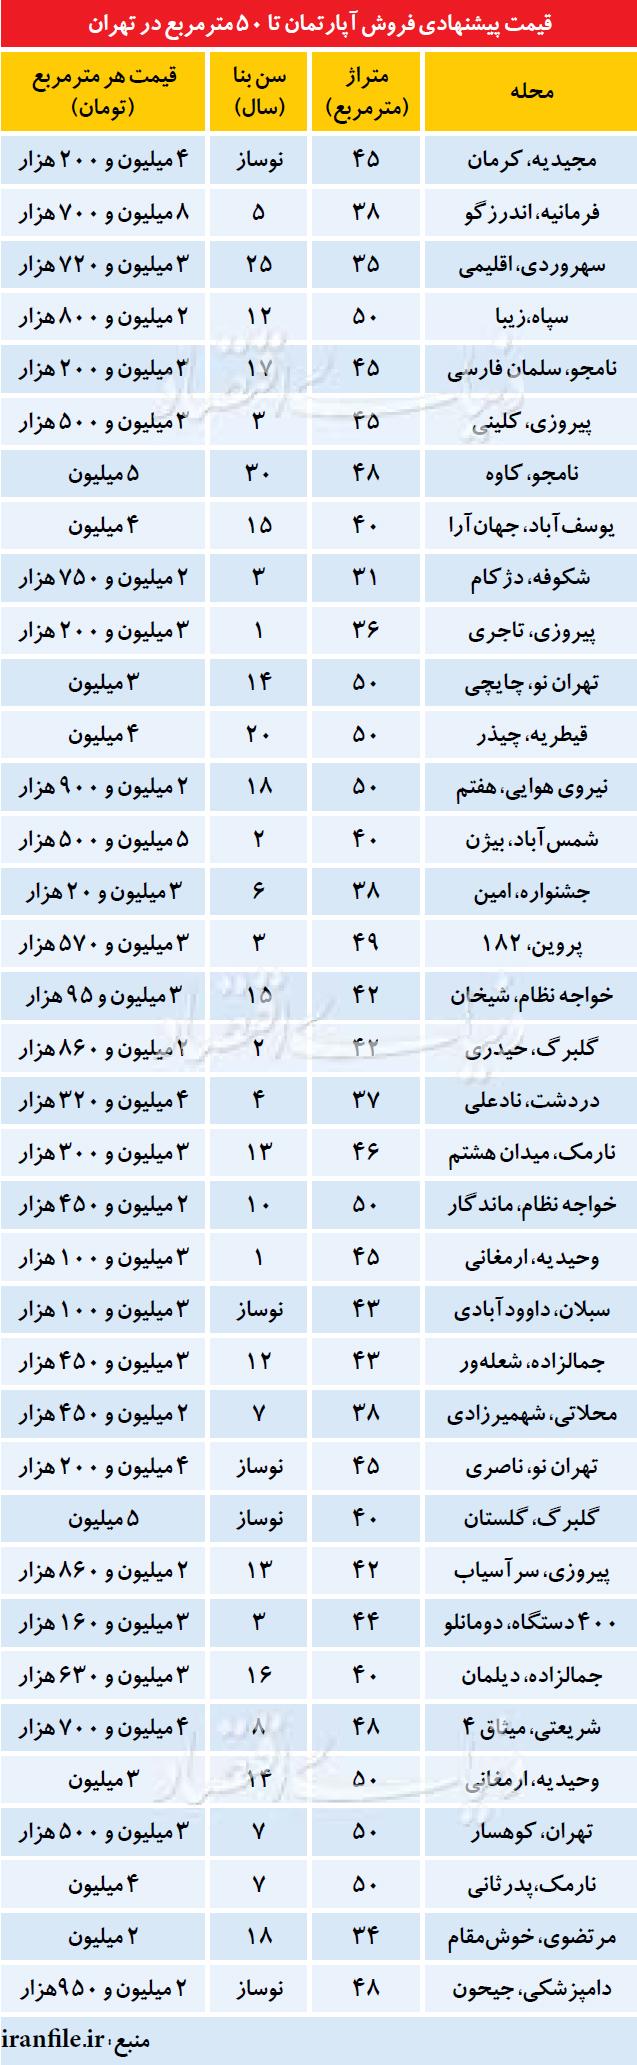 قیمت پیشنهادی فروش آپارتمان تا 50 متر مربع در تهران